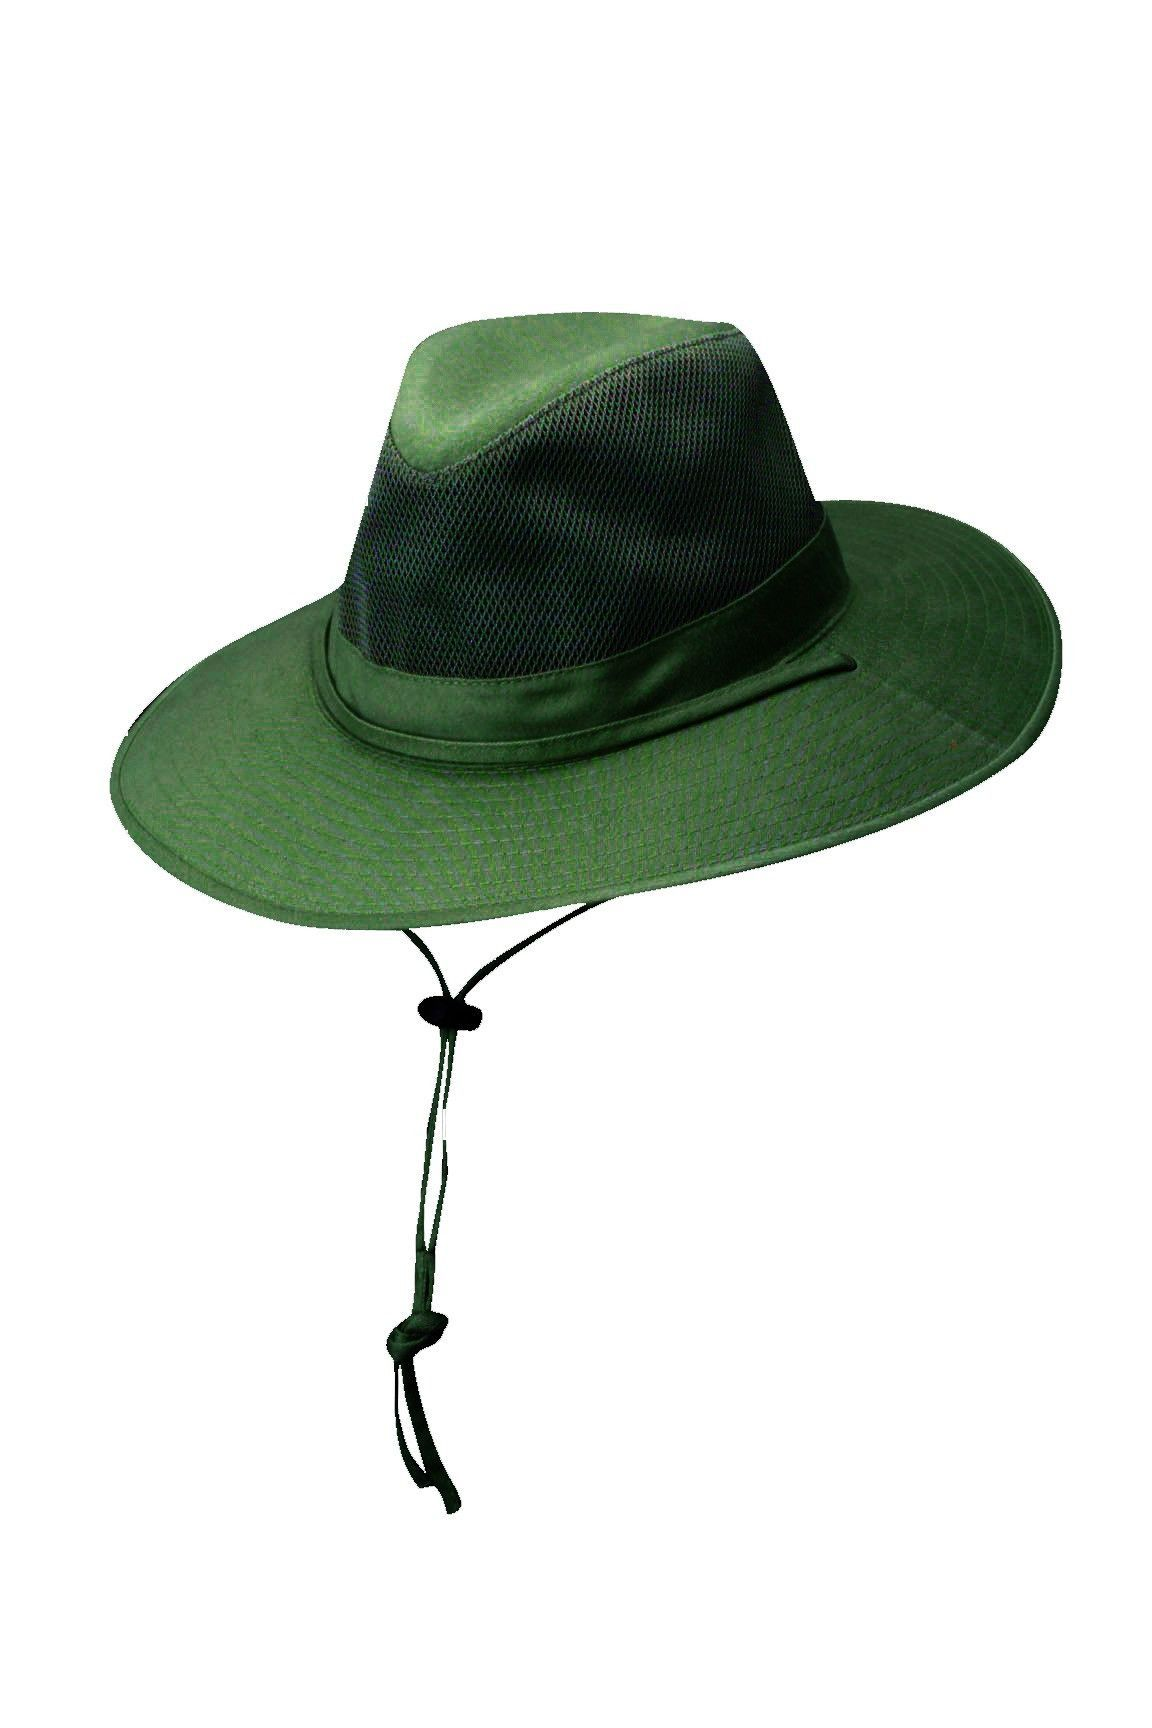 3c63a48a48f DPC Outdoor Design Solarweave SPF 50+ Safari Hat